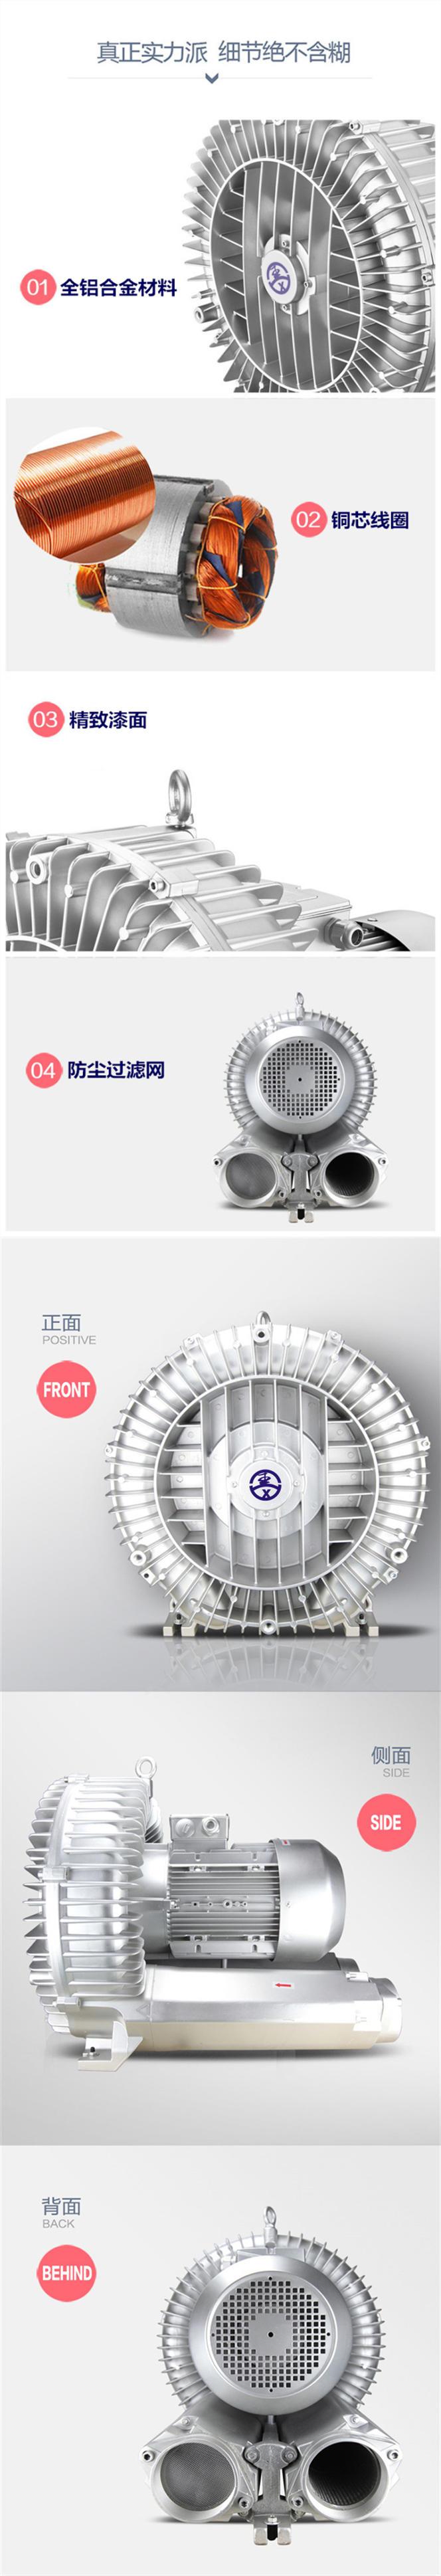 小高压鼓风机 上料机专用高压鼓风机 rb-055高压风机示例图4